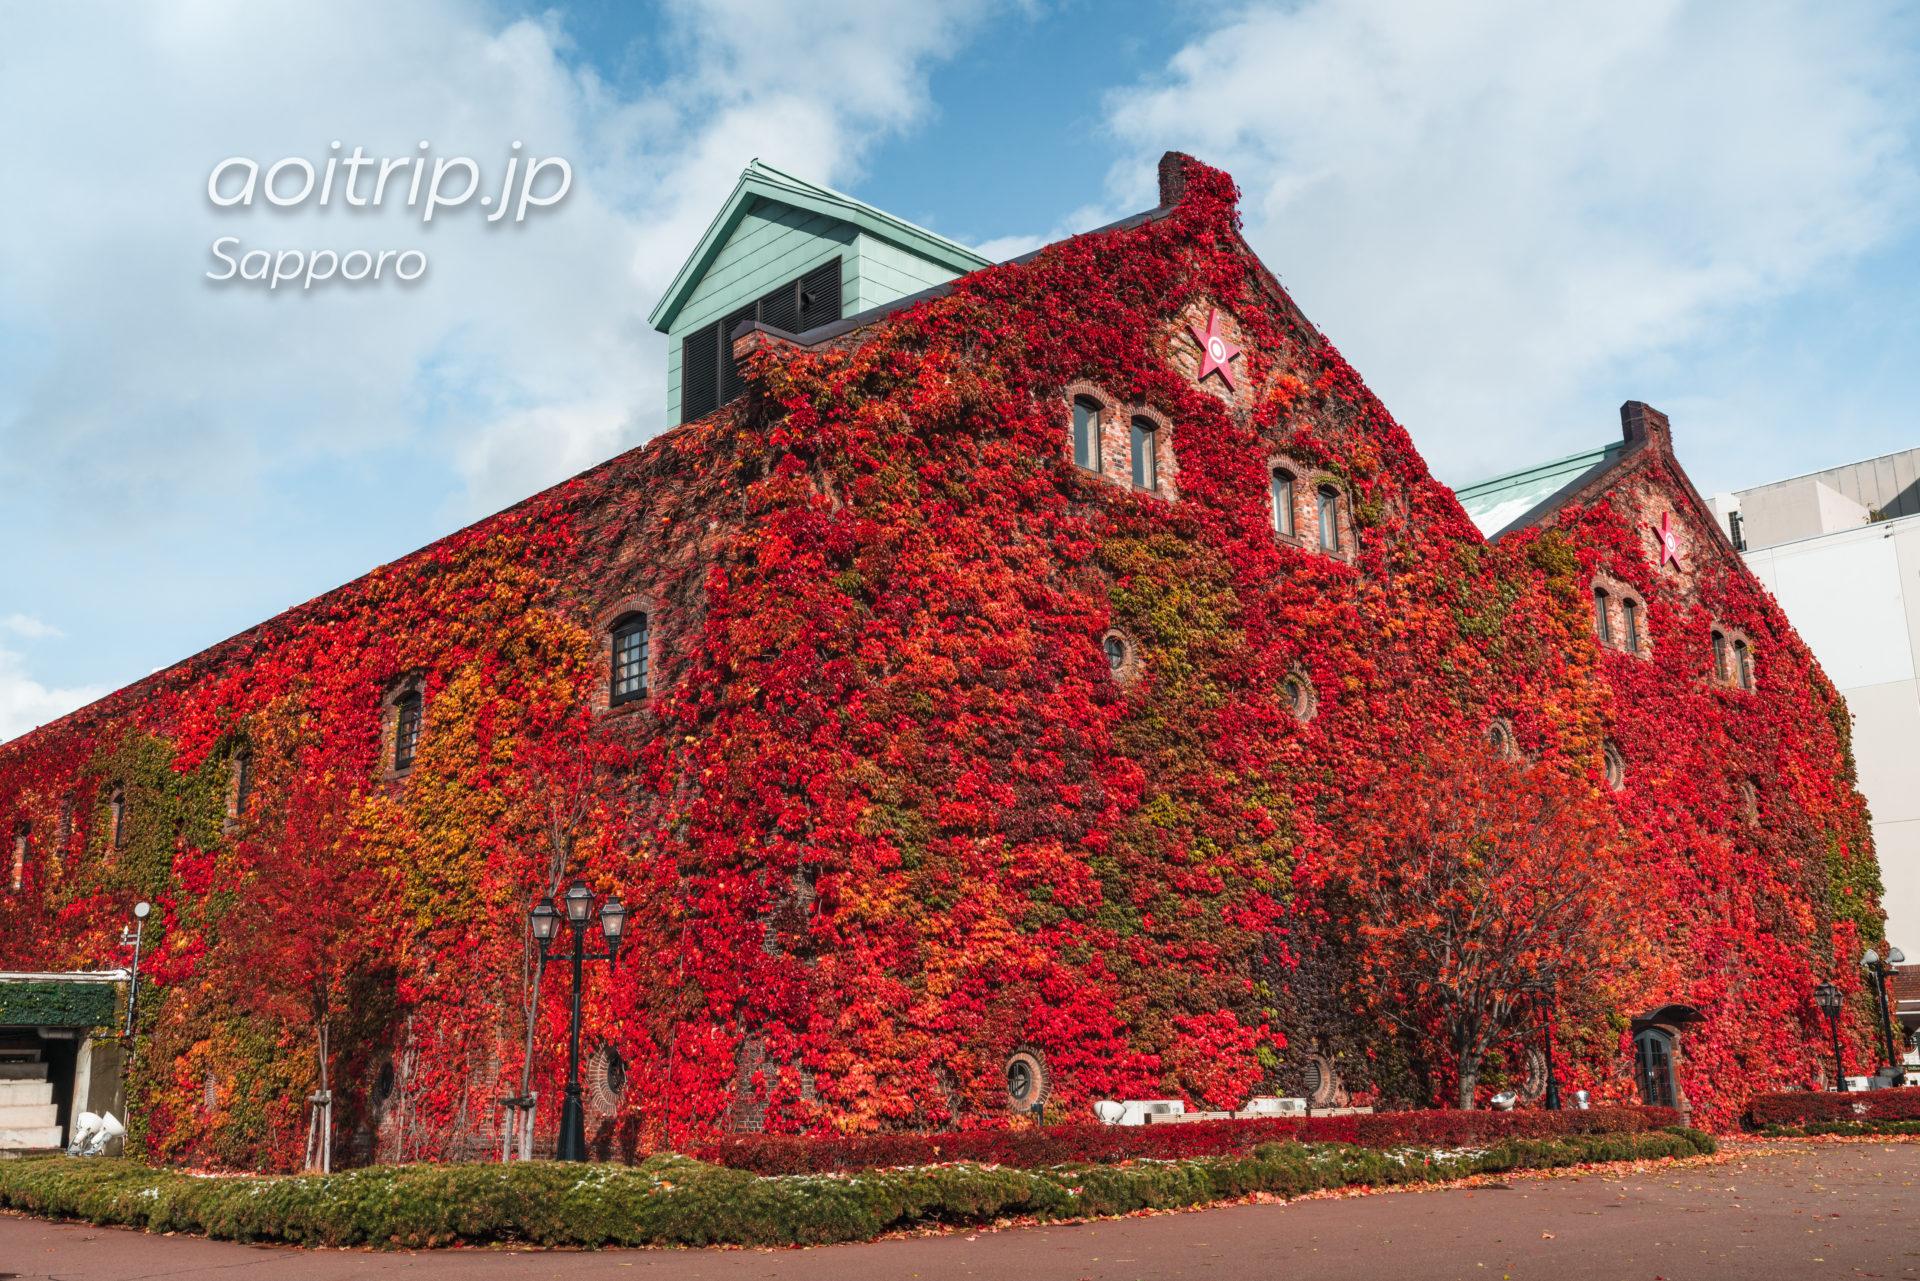 蔦紅葉が美しい秋のサッポロファクトリー赤煉瓦館|Sapporo Factory